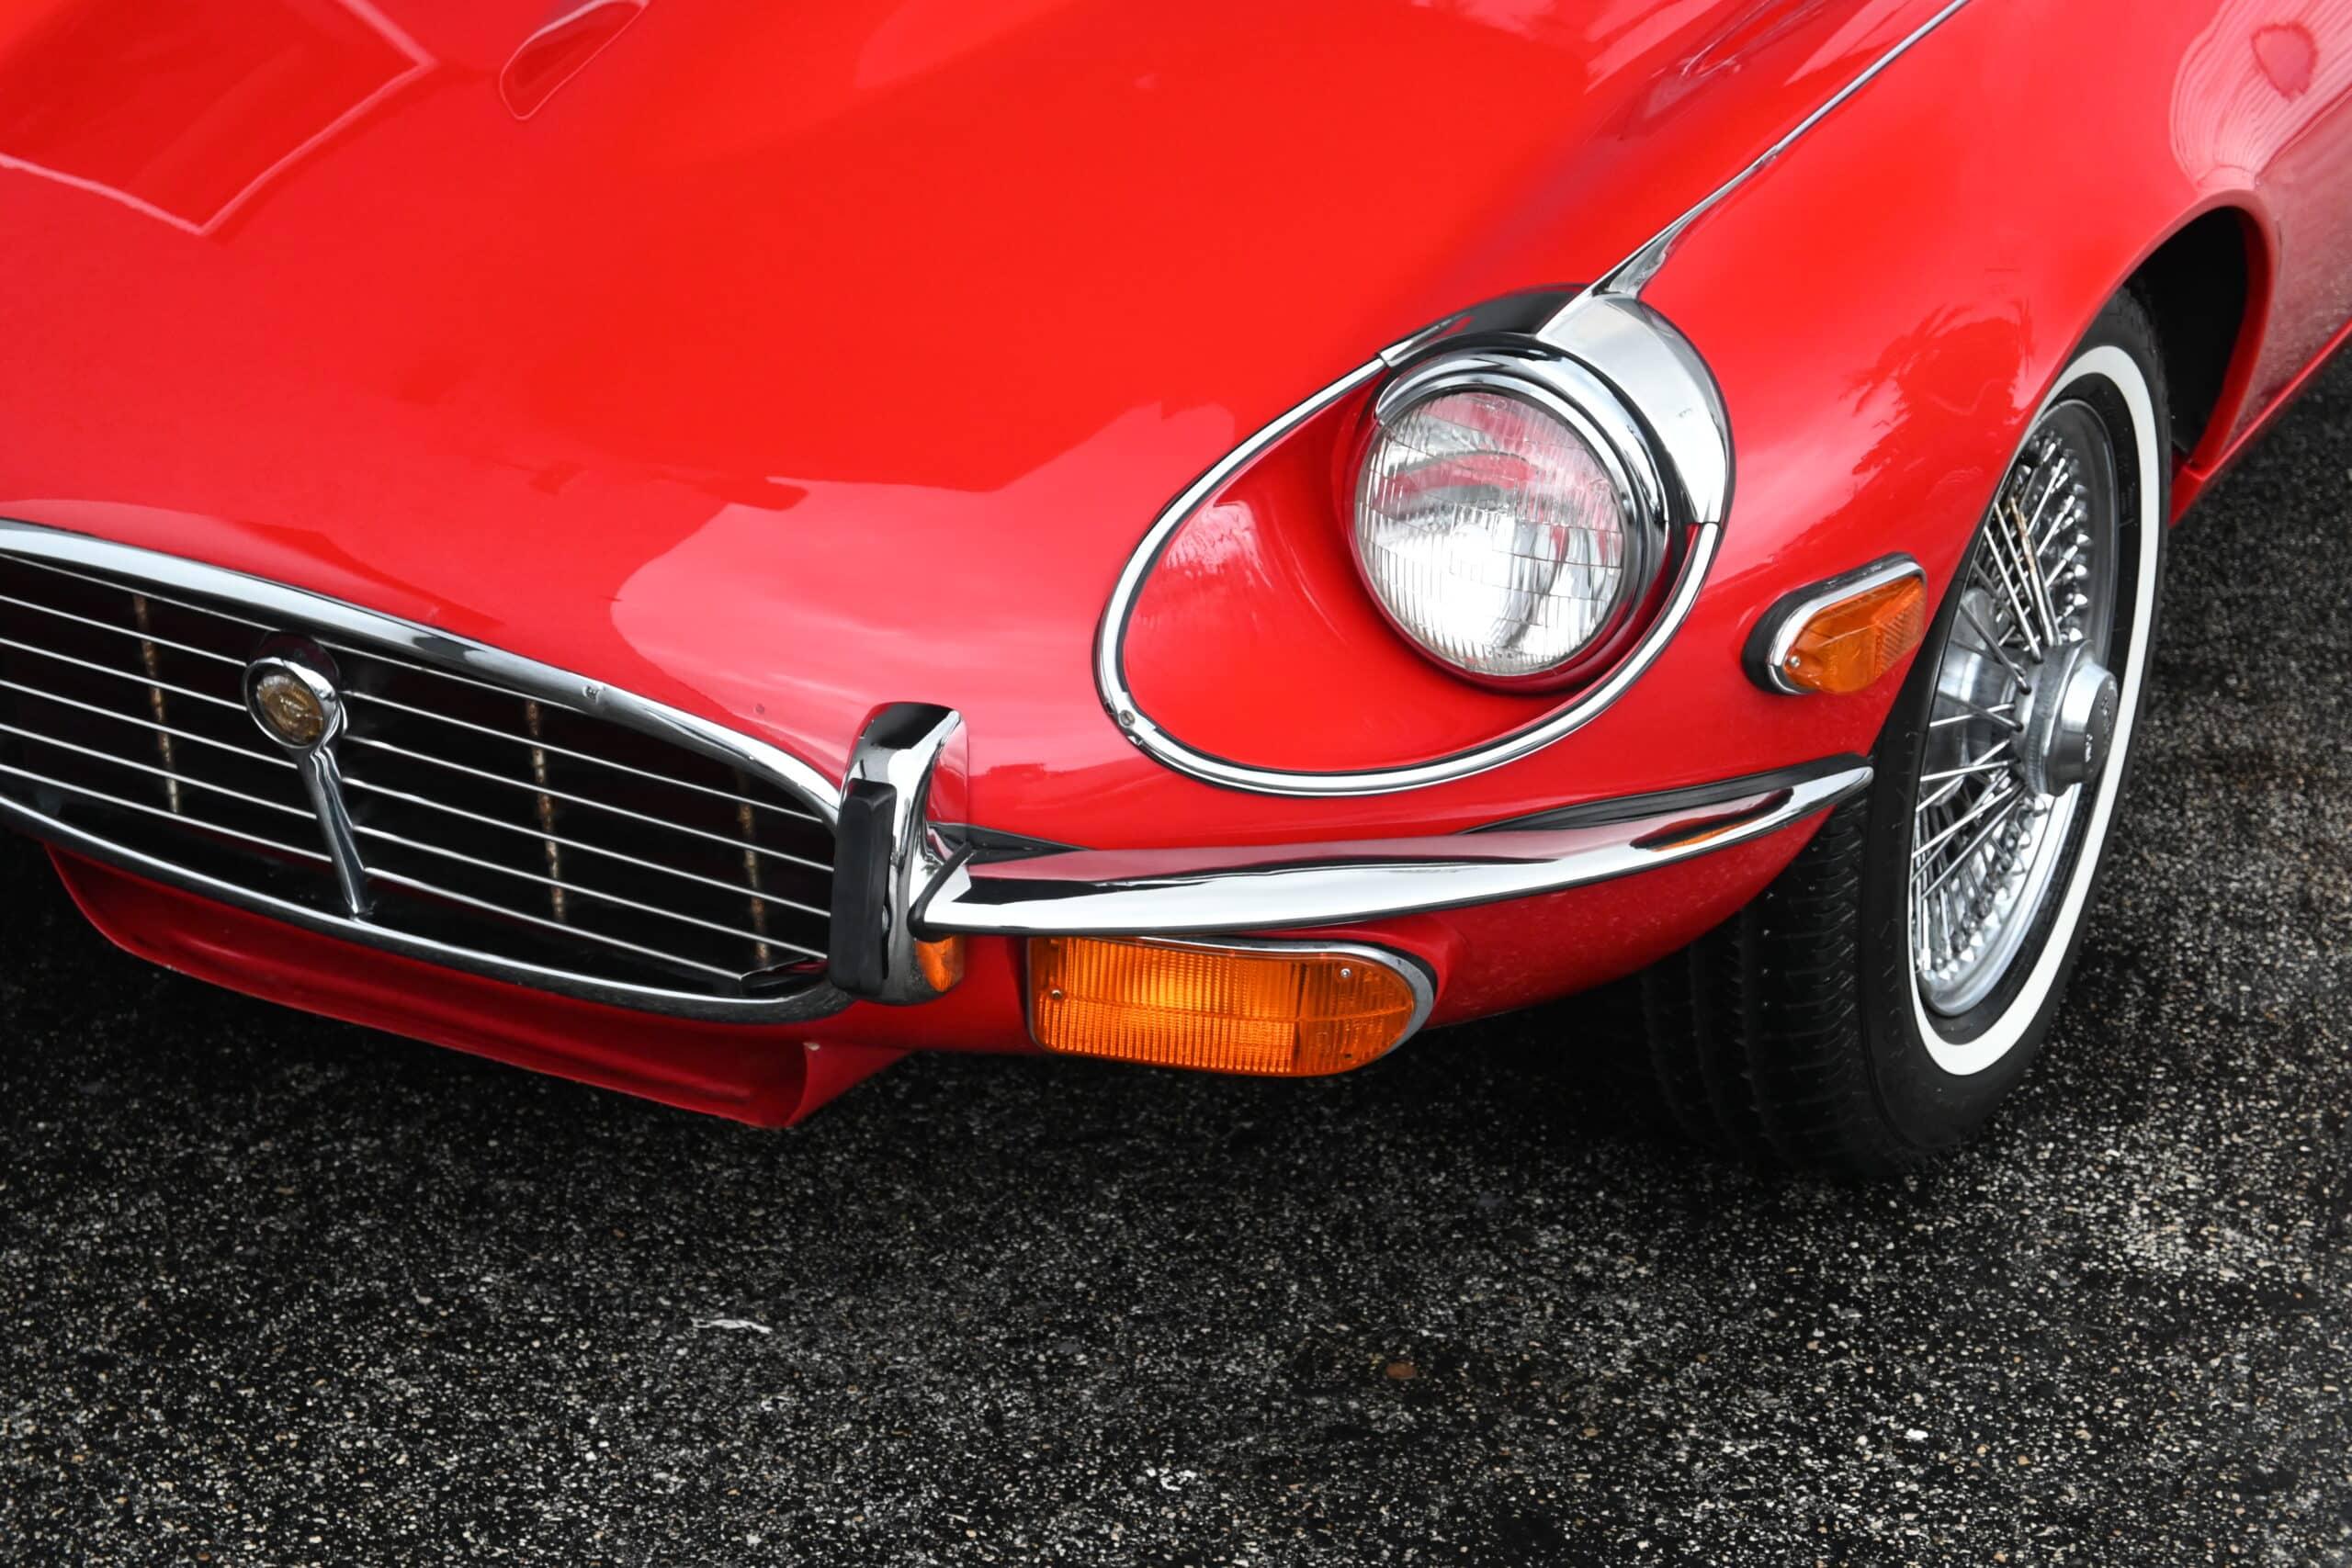 1973 Jaguar XK-E Series III OTS, award winning restoration